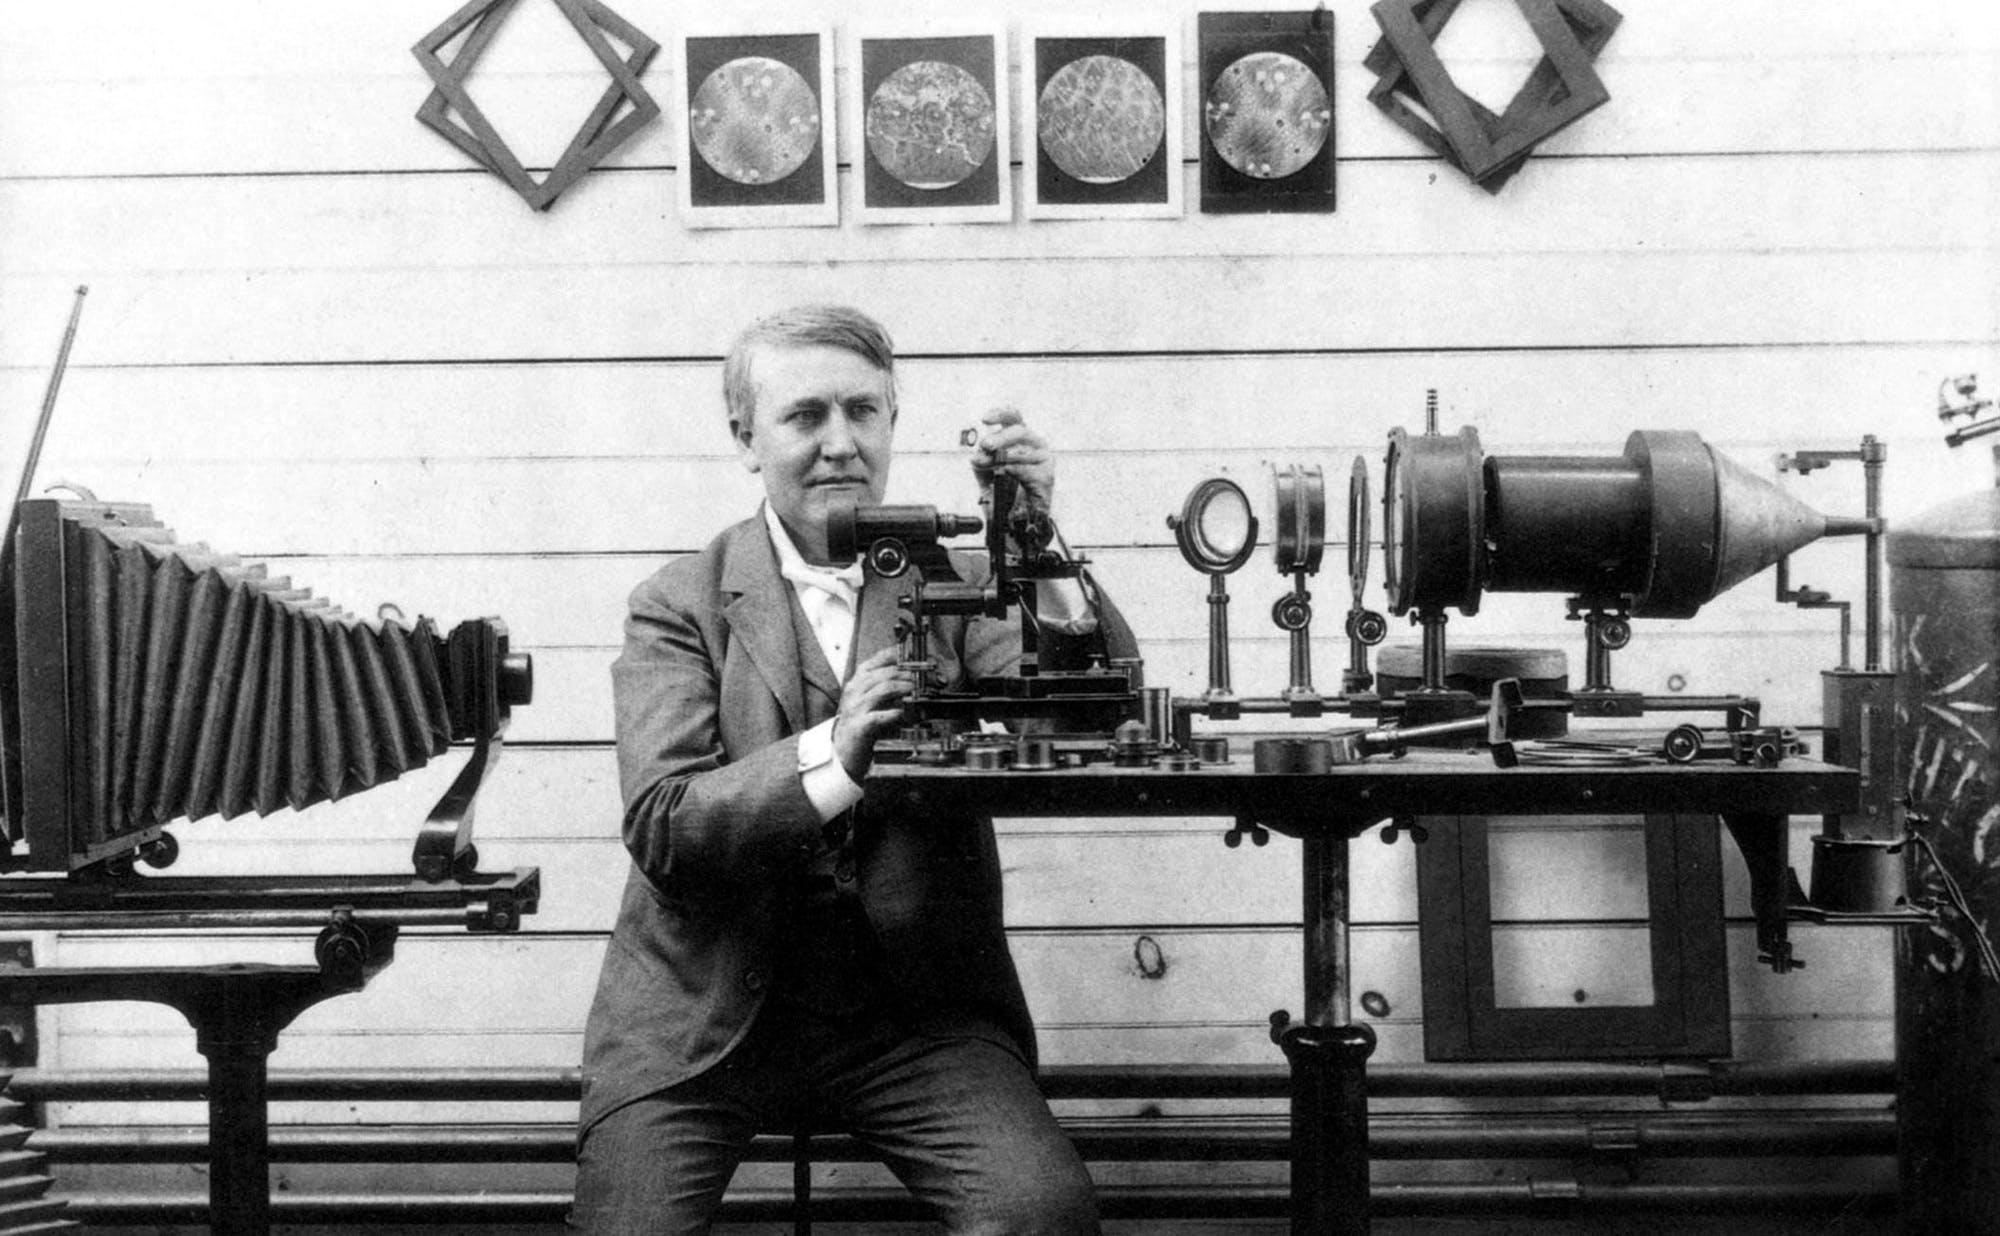 томас эдисон изобретения фото плитка прочный